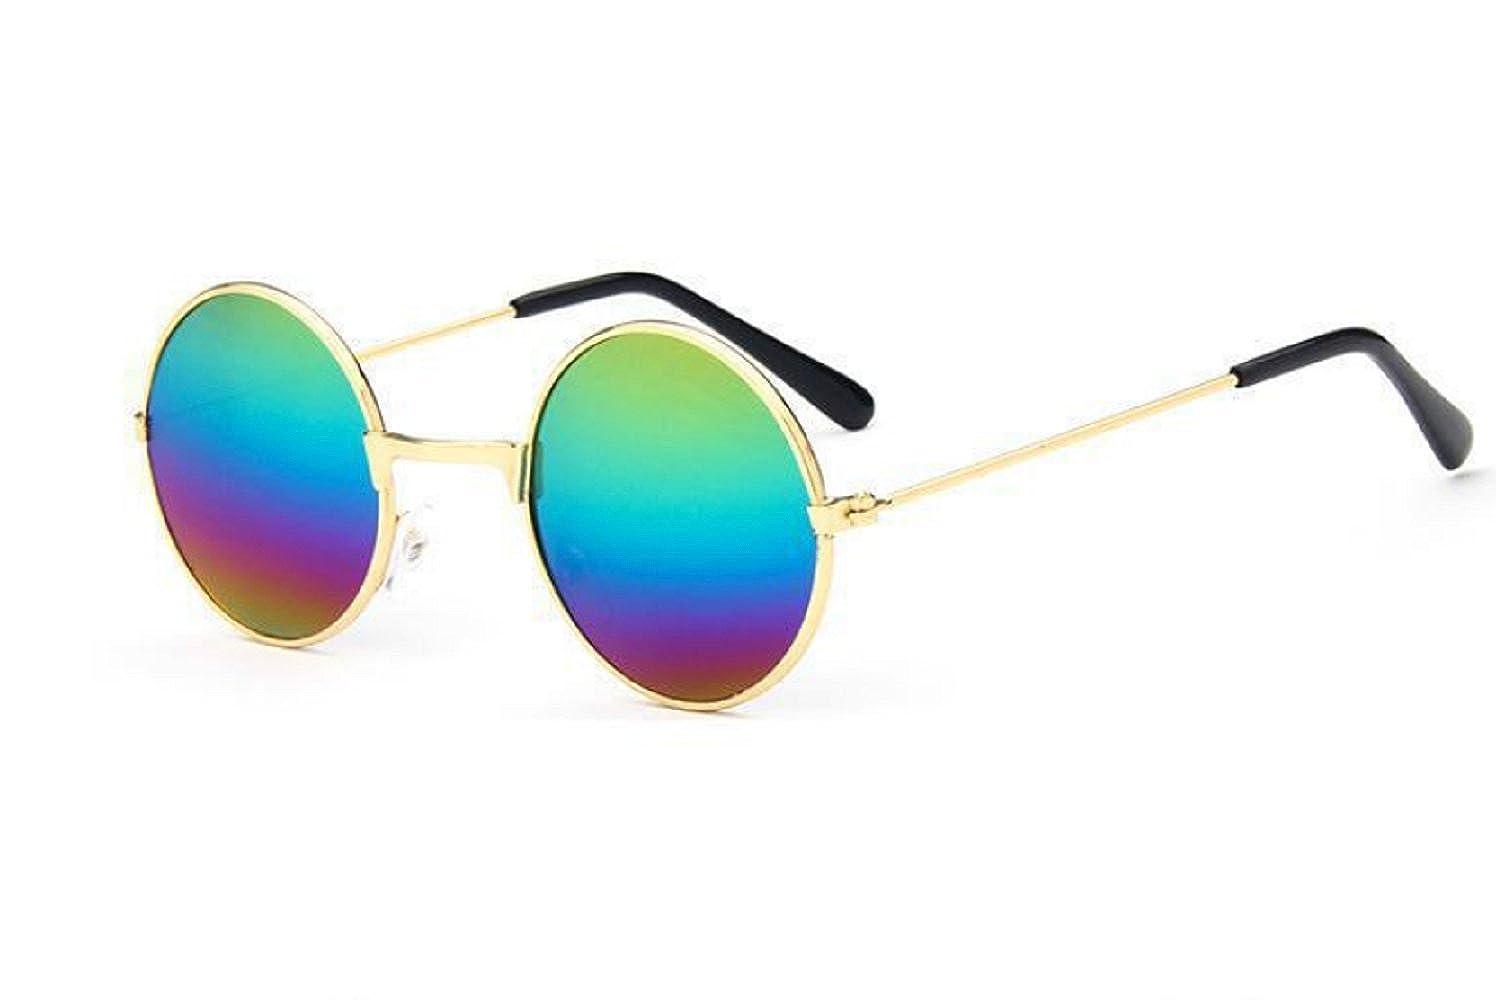 (Multicolor) Occhiali da Sole - Hippie Rotondi - Jhon Lennon - Uomo - Unisex - Polarizzati Uv400 - Inception Pro Infinite 8201033353961